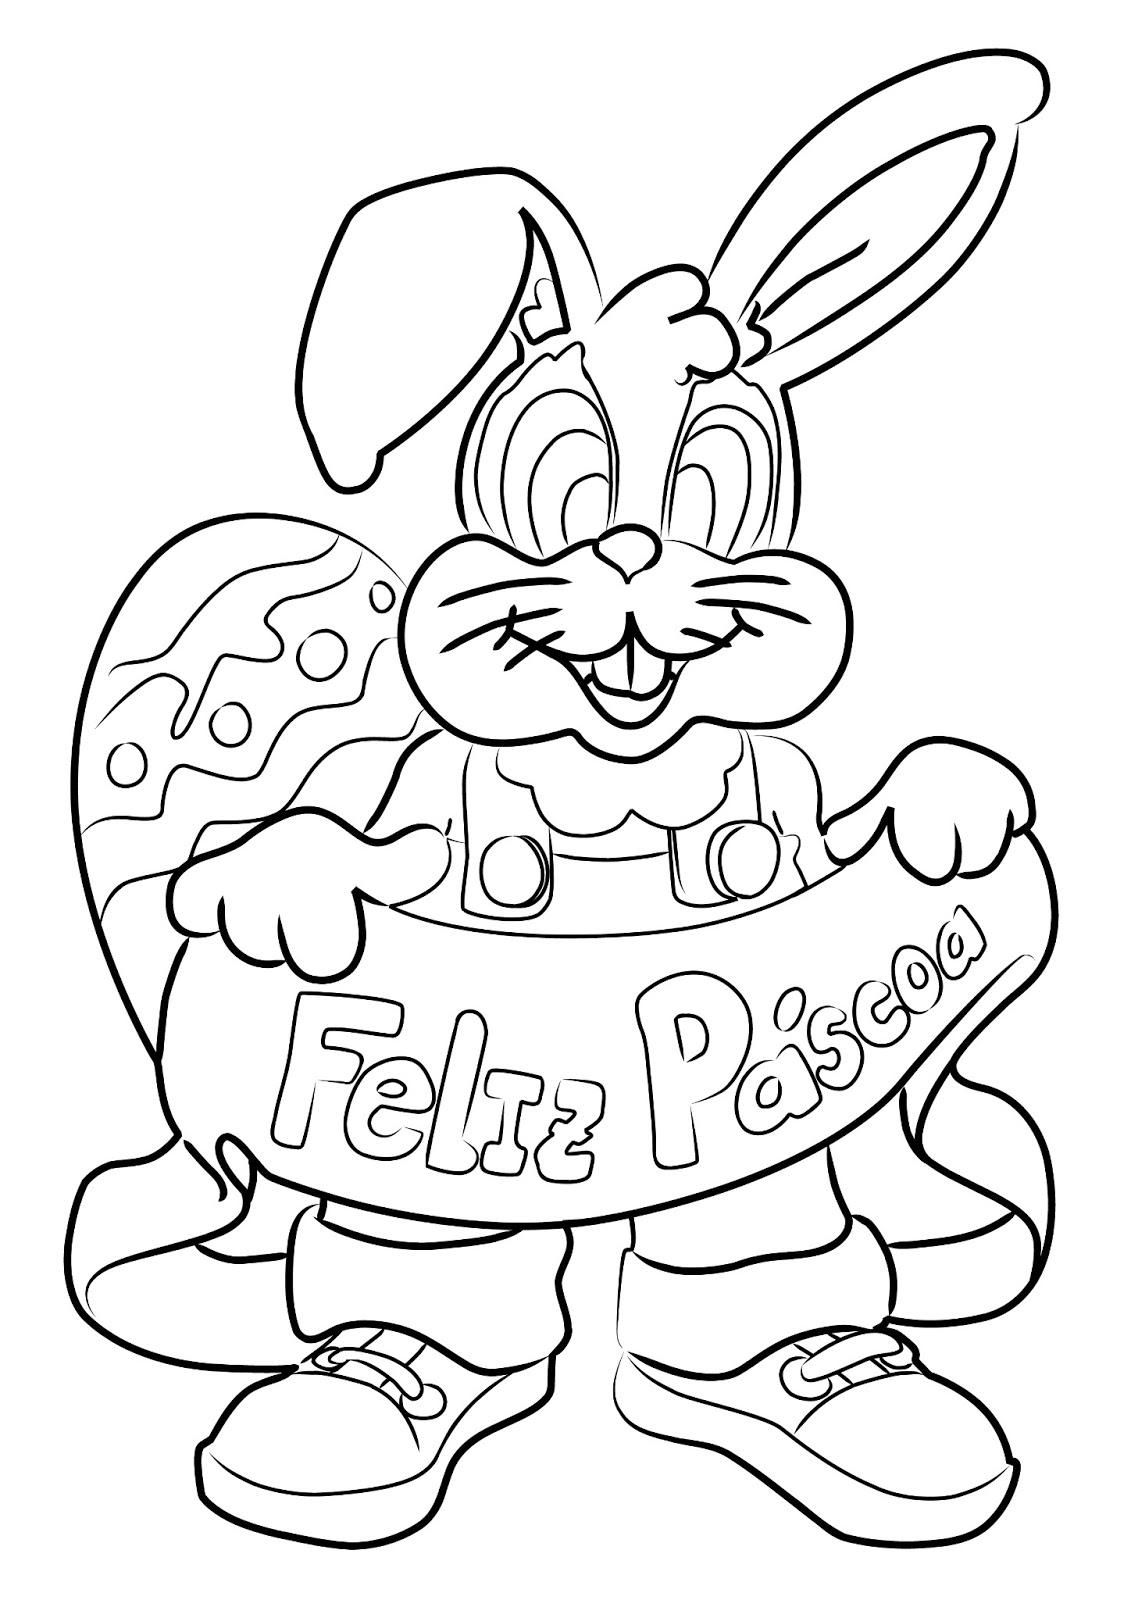 colorir desenhos Coelhos da Páscoa